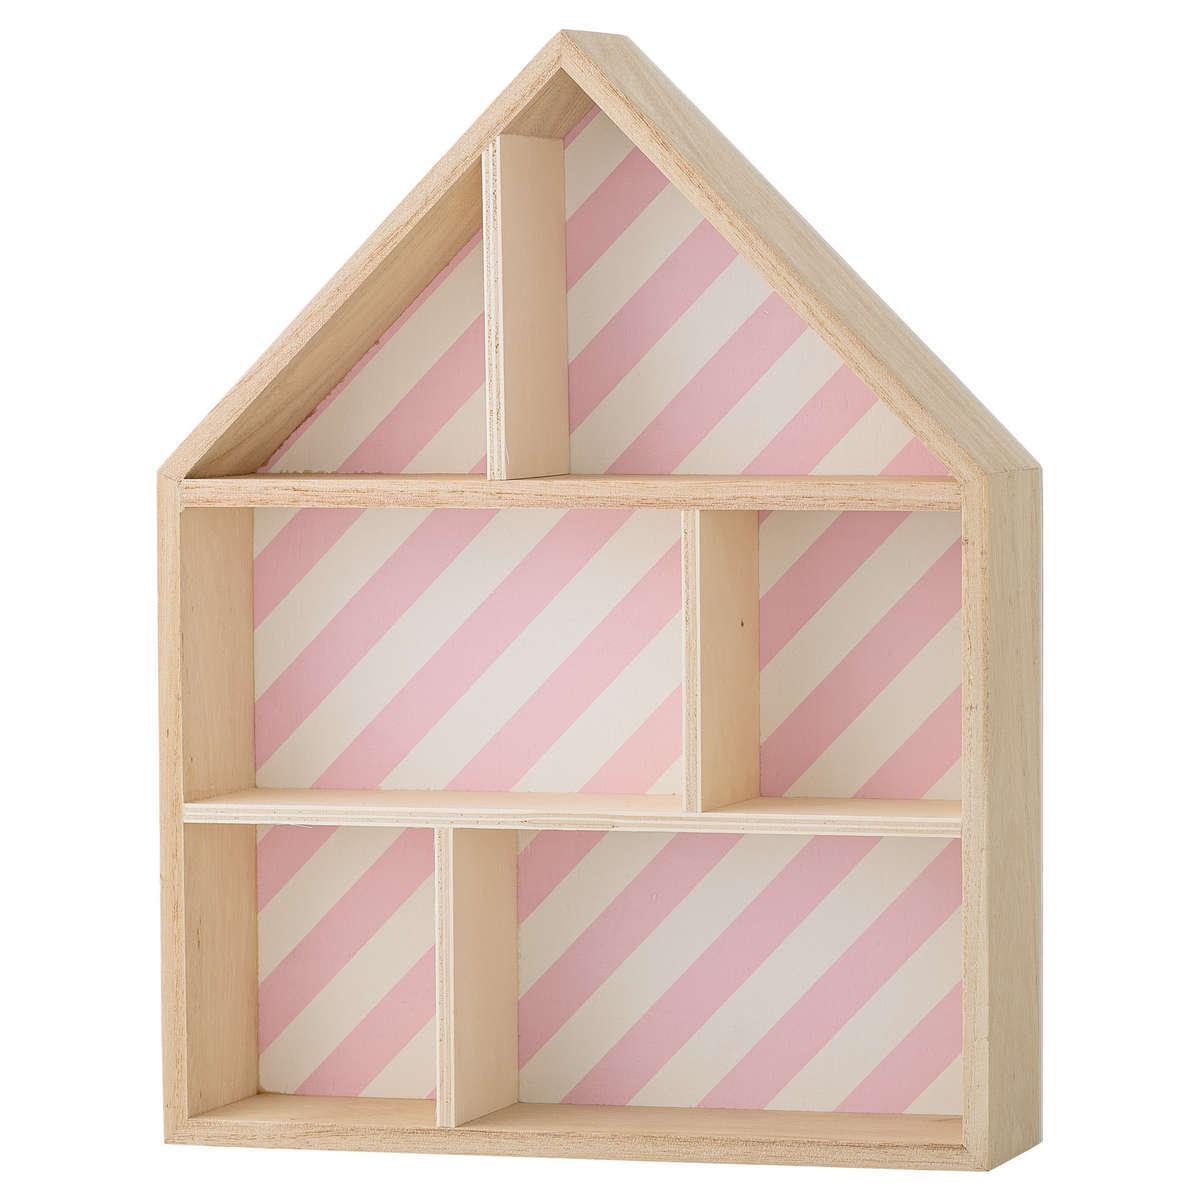 Étagère Etagère Maison à Compartiments - Bois/Rose Etagère Maison à Compartiments - Bois/Rose